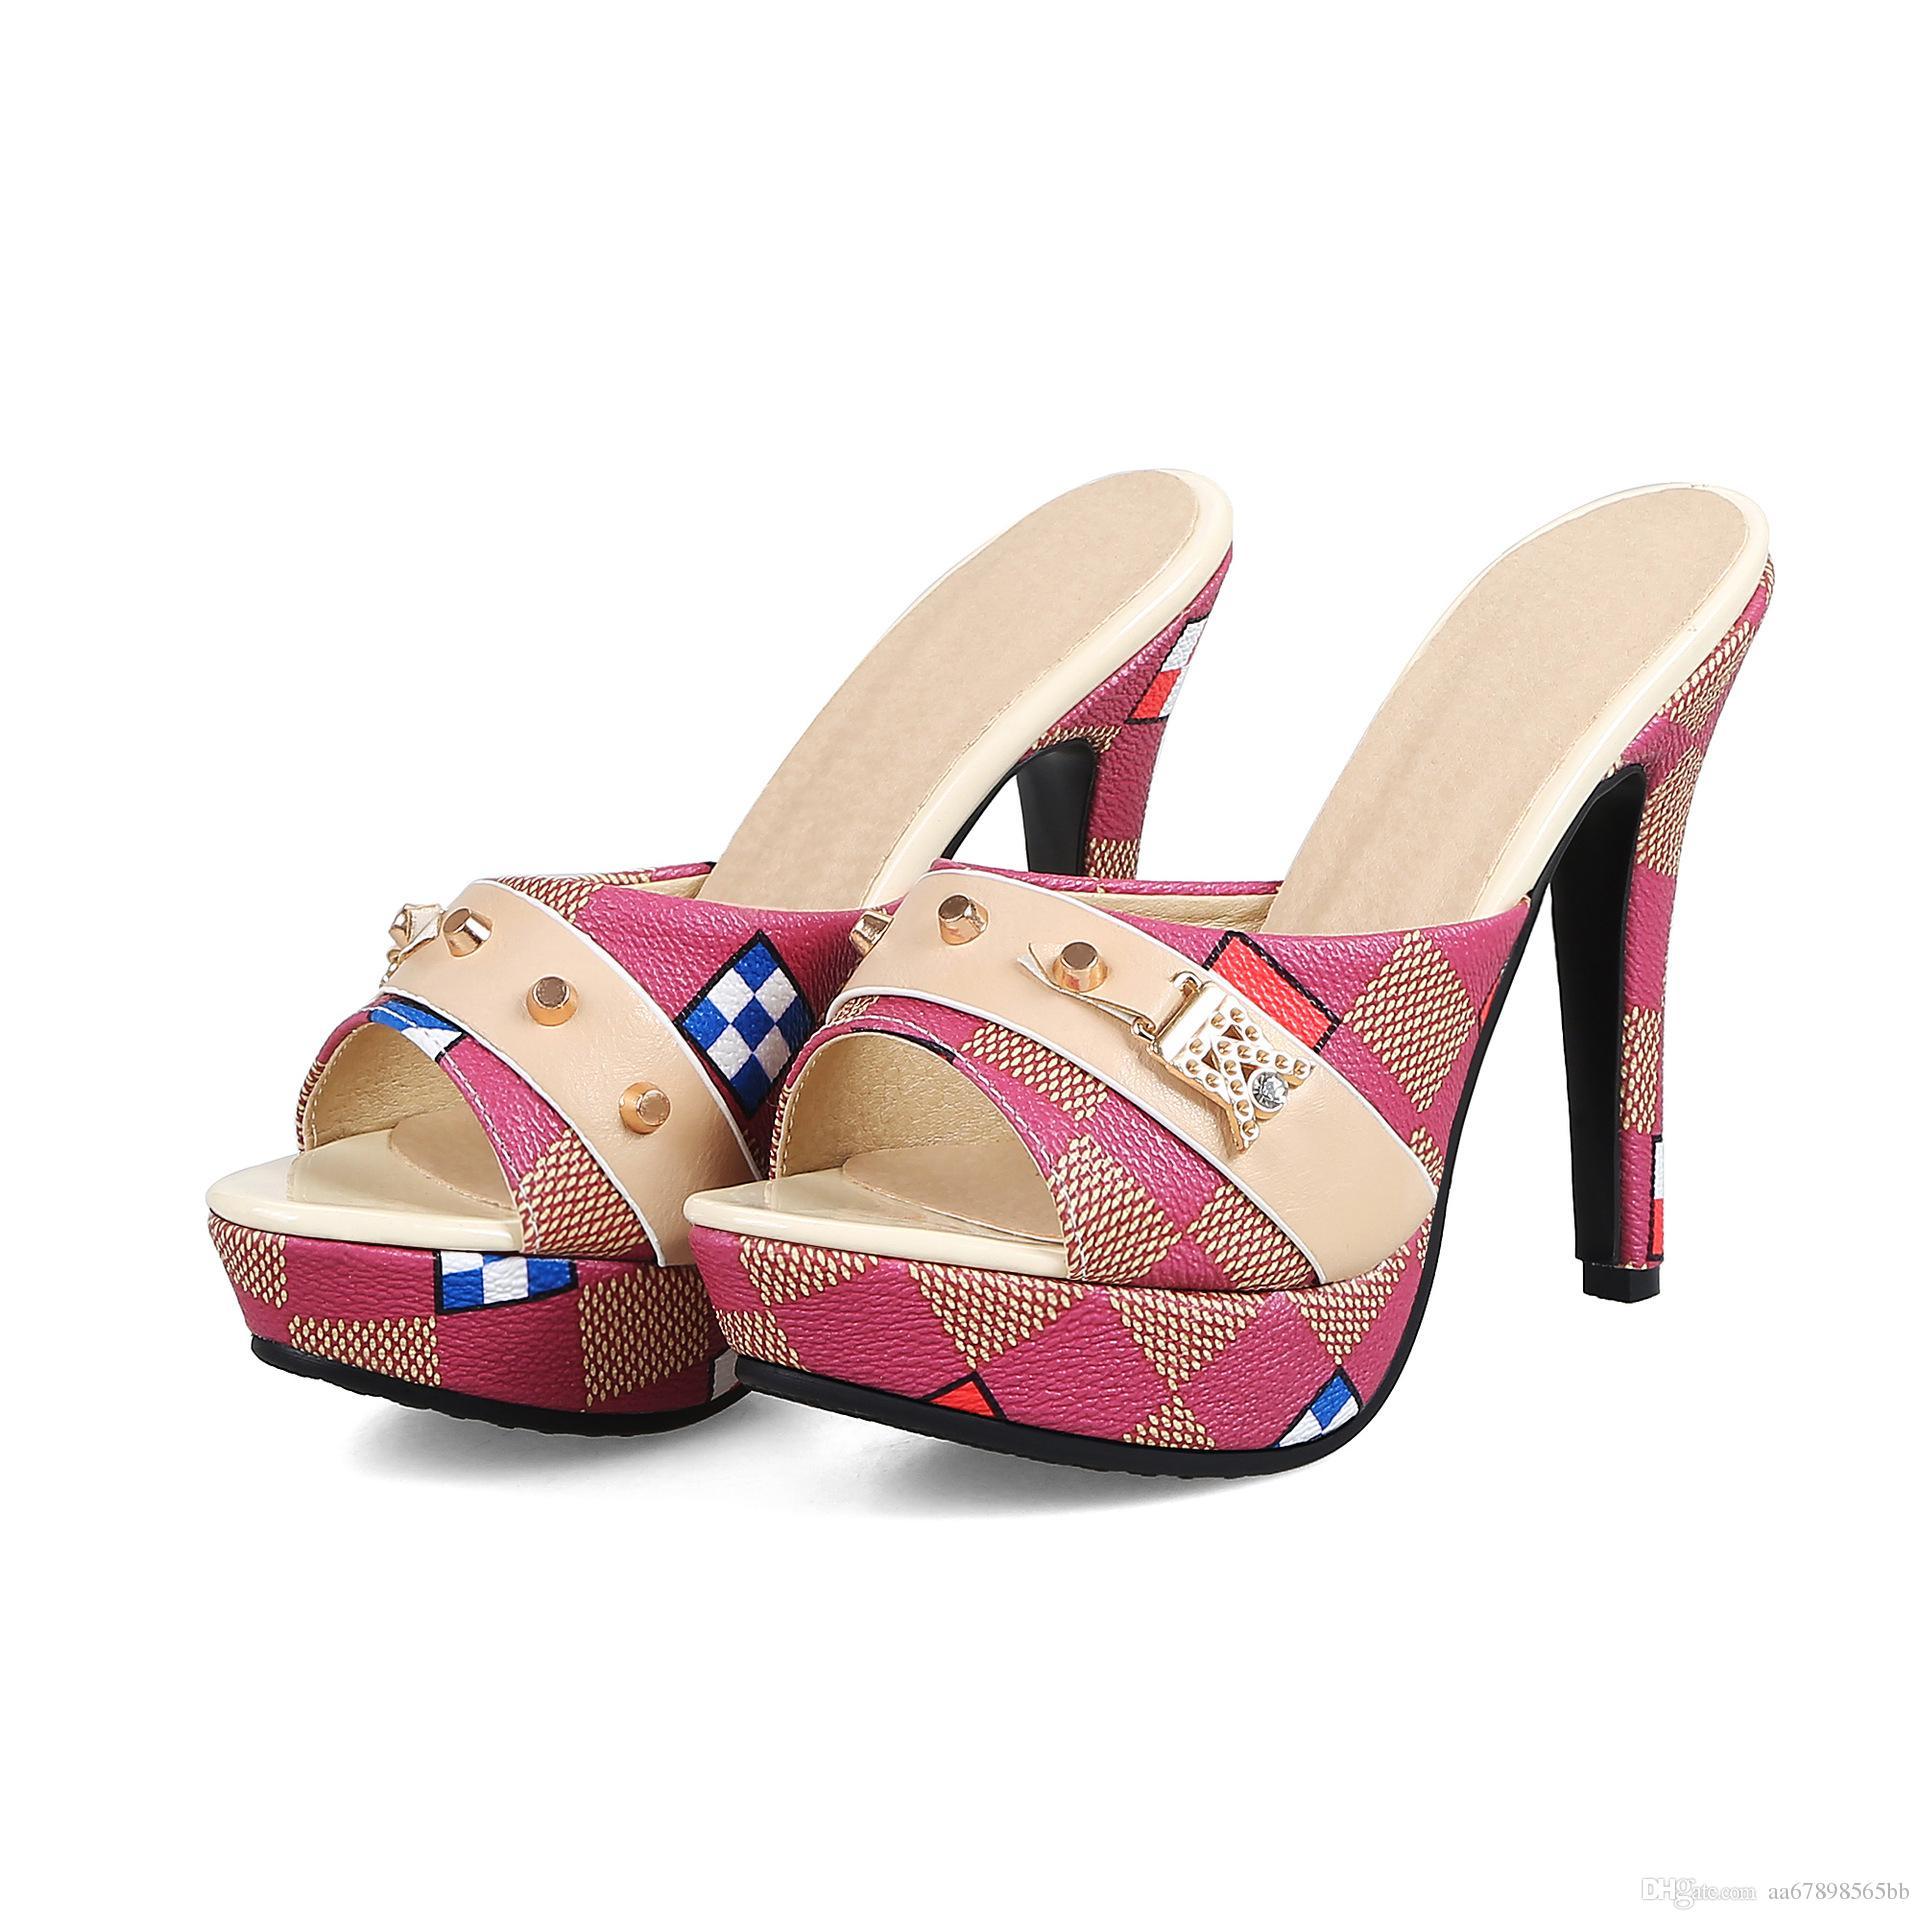 Kadın FLoral Baskılı Deri Yüksek Topuklu Terlik Kadın Ayakkabı Yaz Açık Ağızlı Ayakkabı